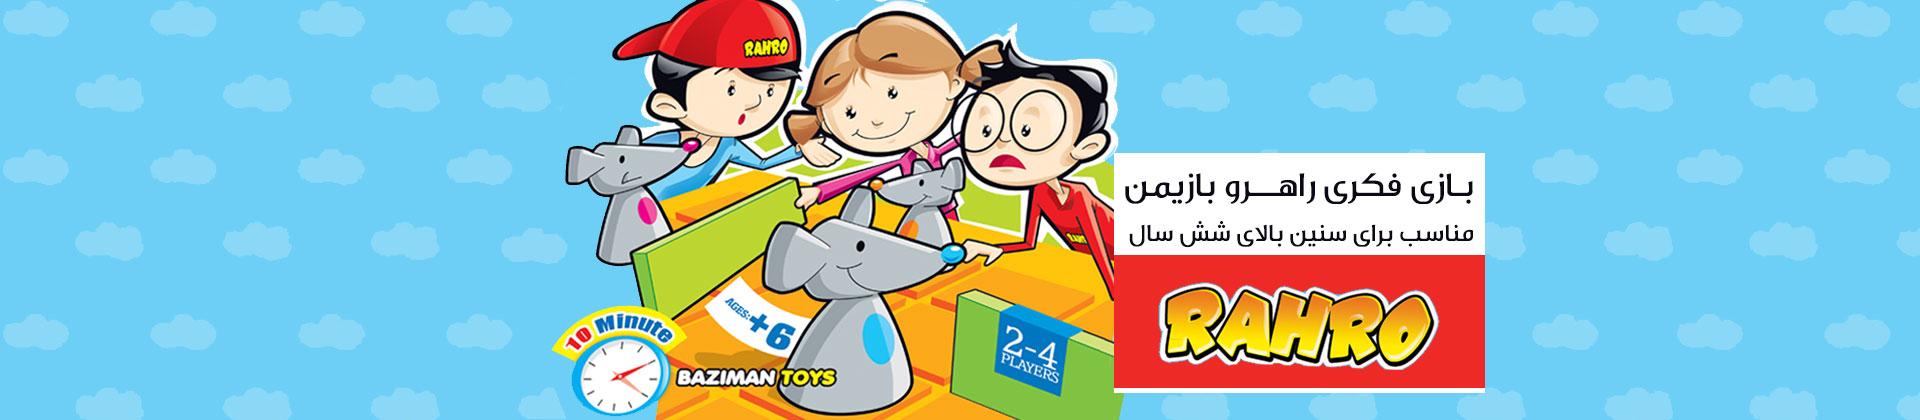 rahro-baziman-toys